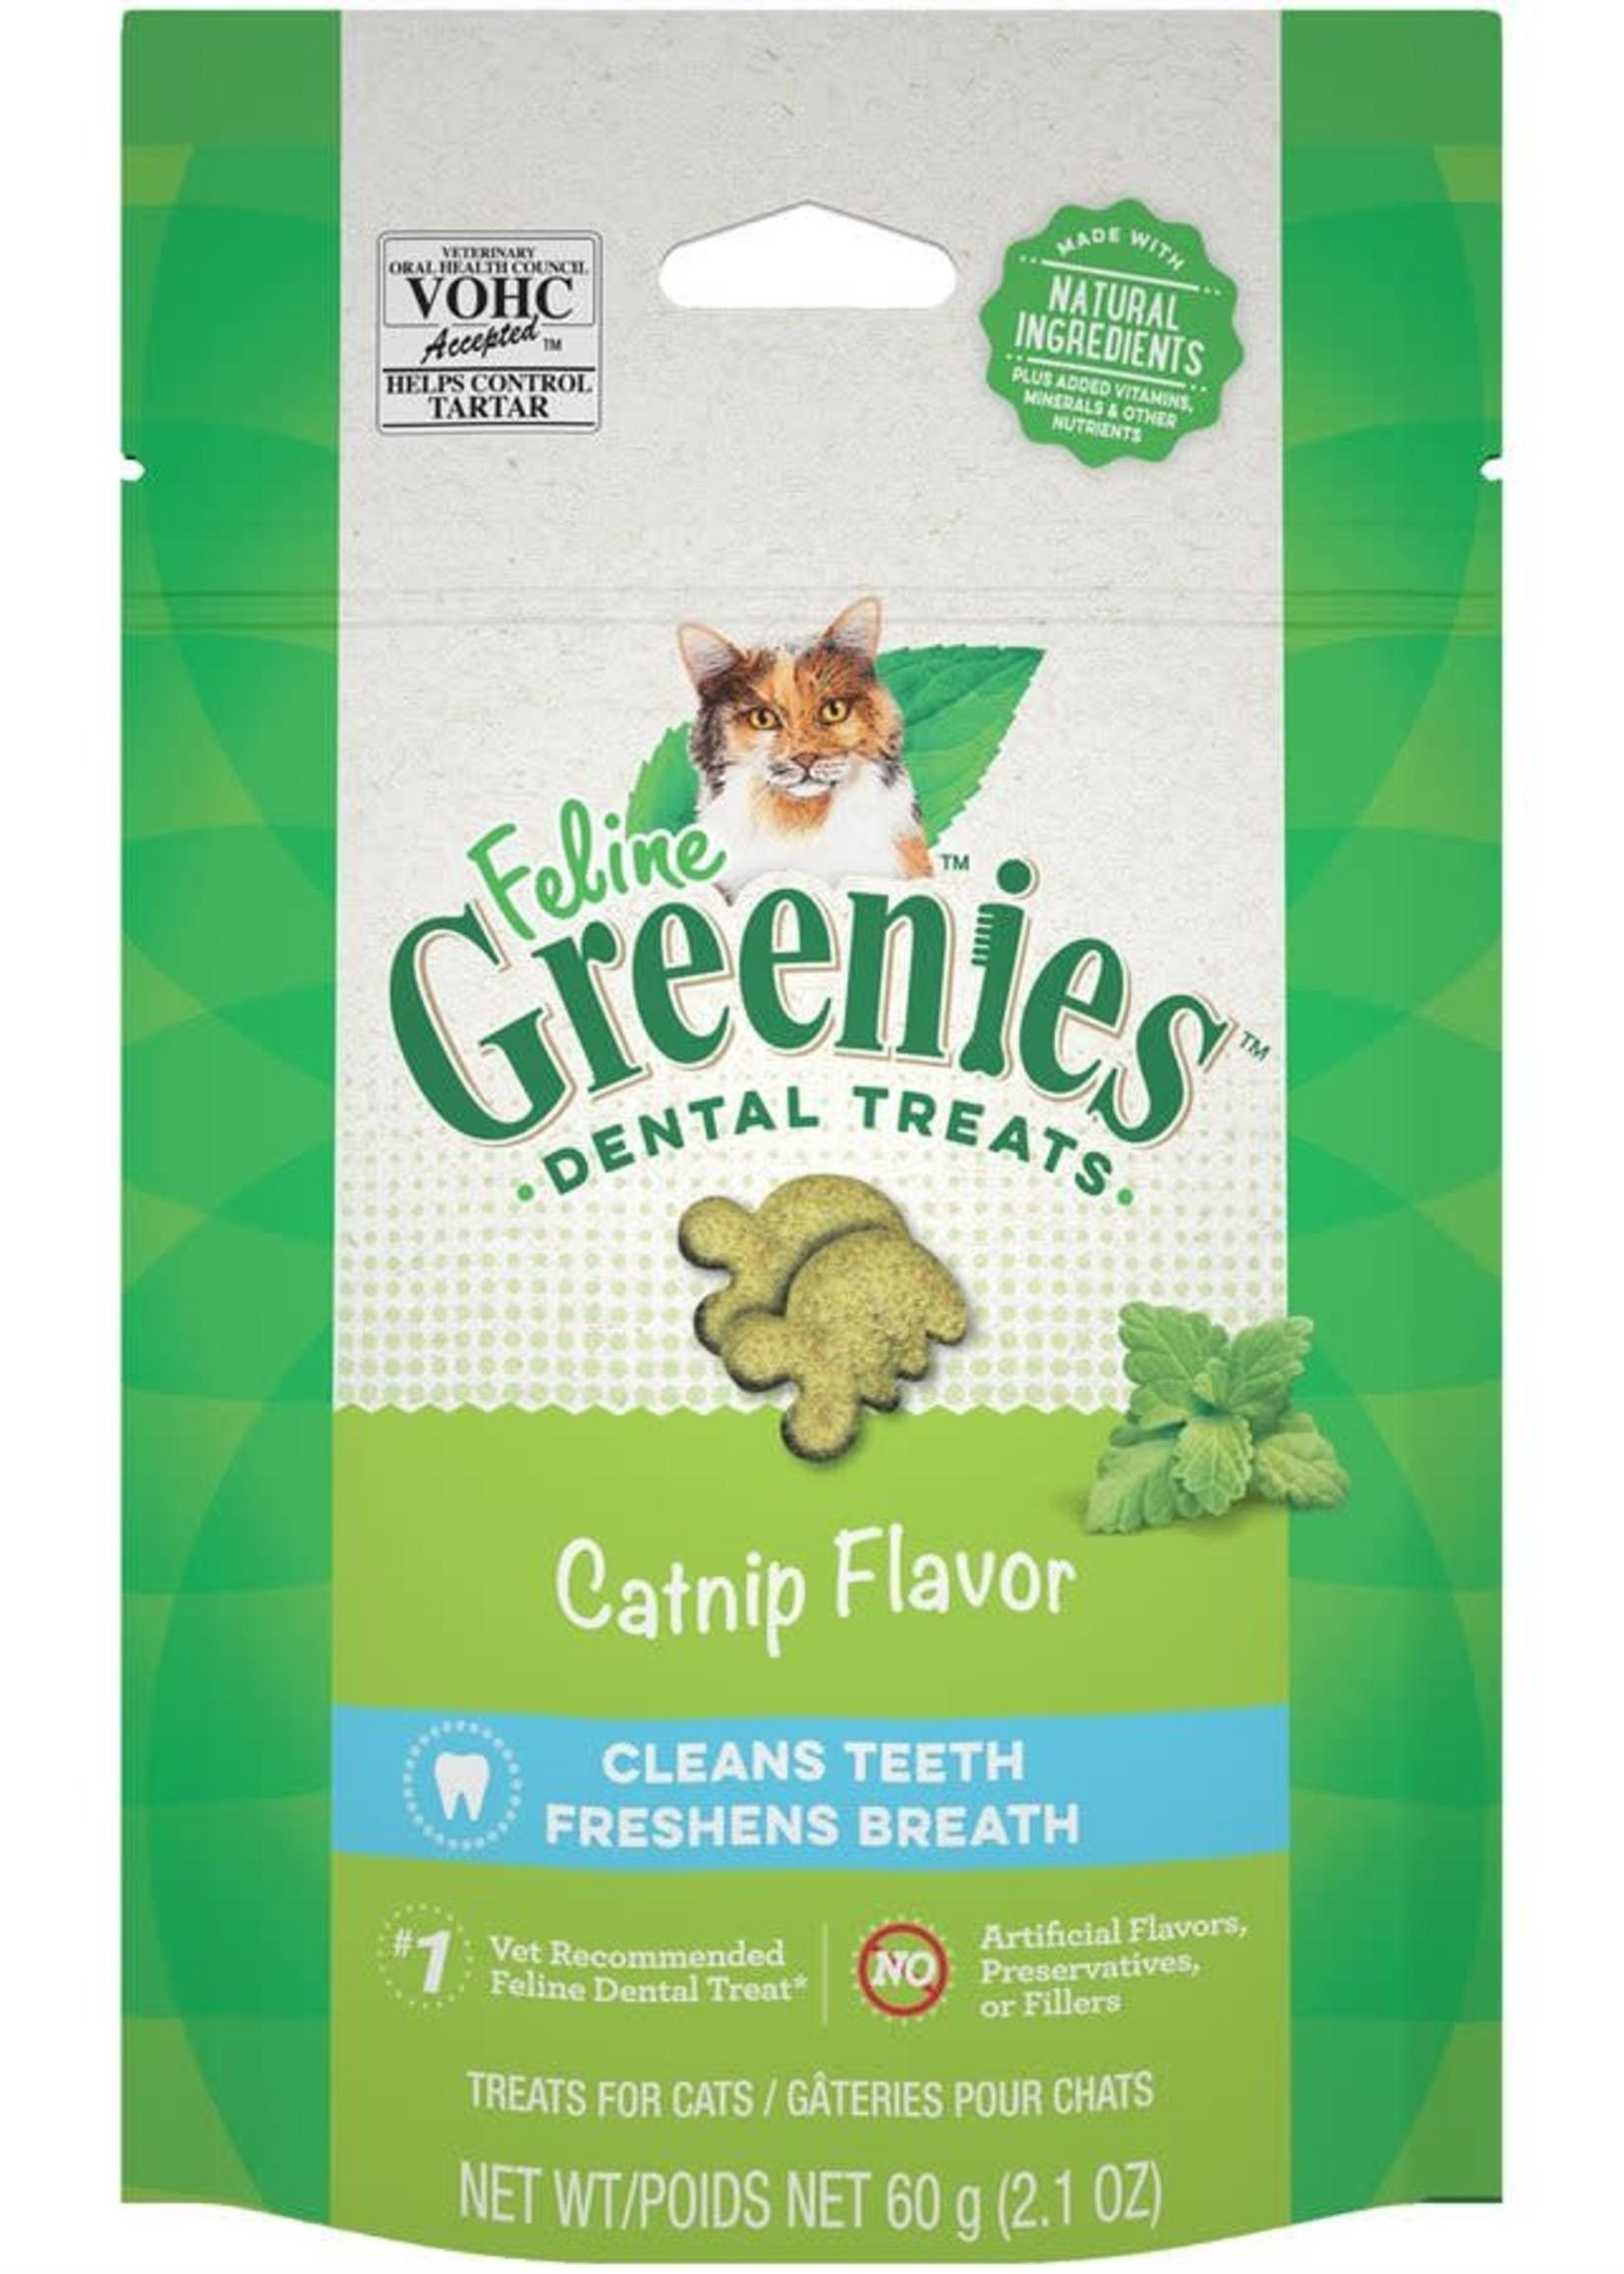 Greenies® Greenies Catnip Flavor Dental Treat 2.1oz